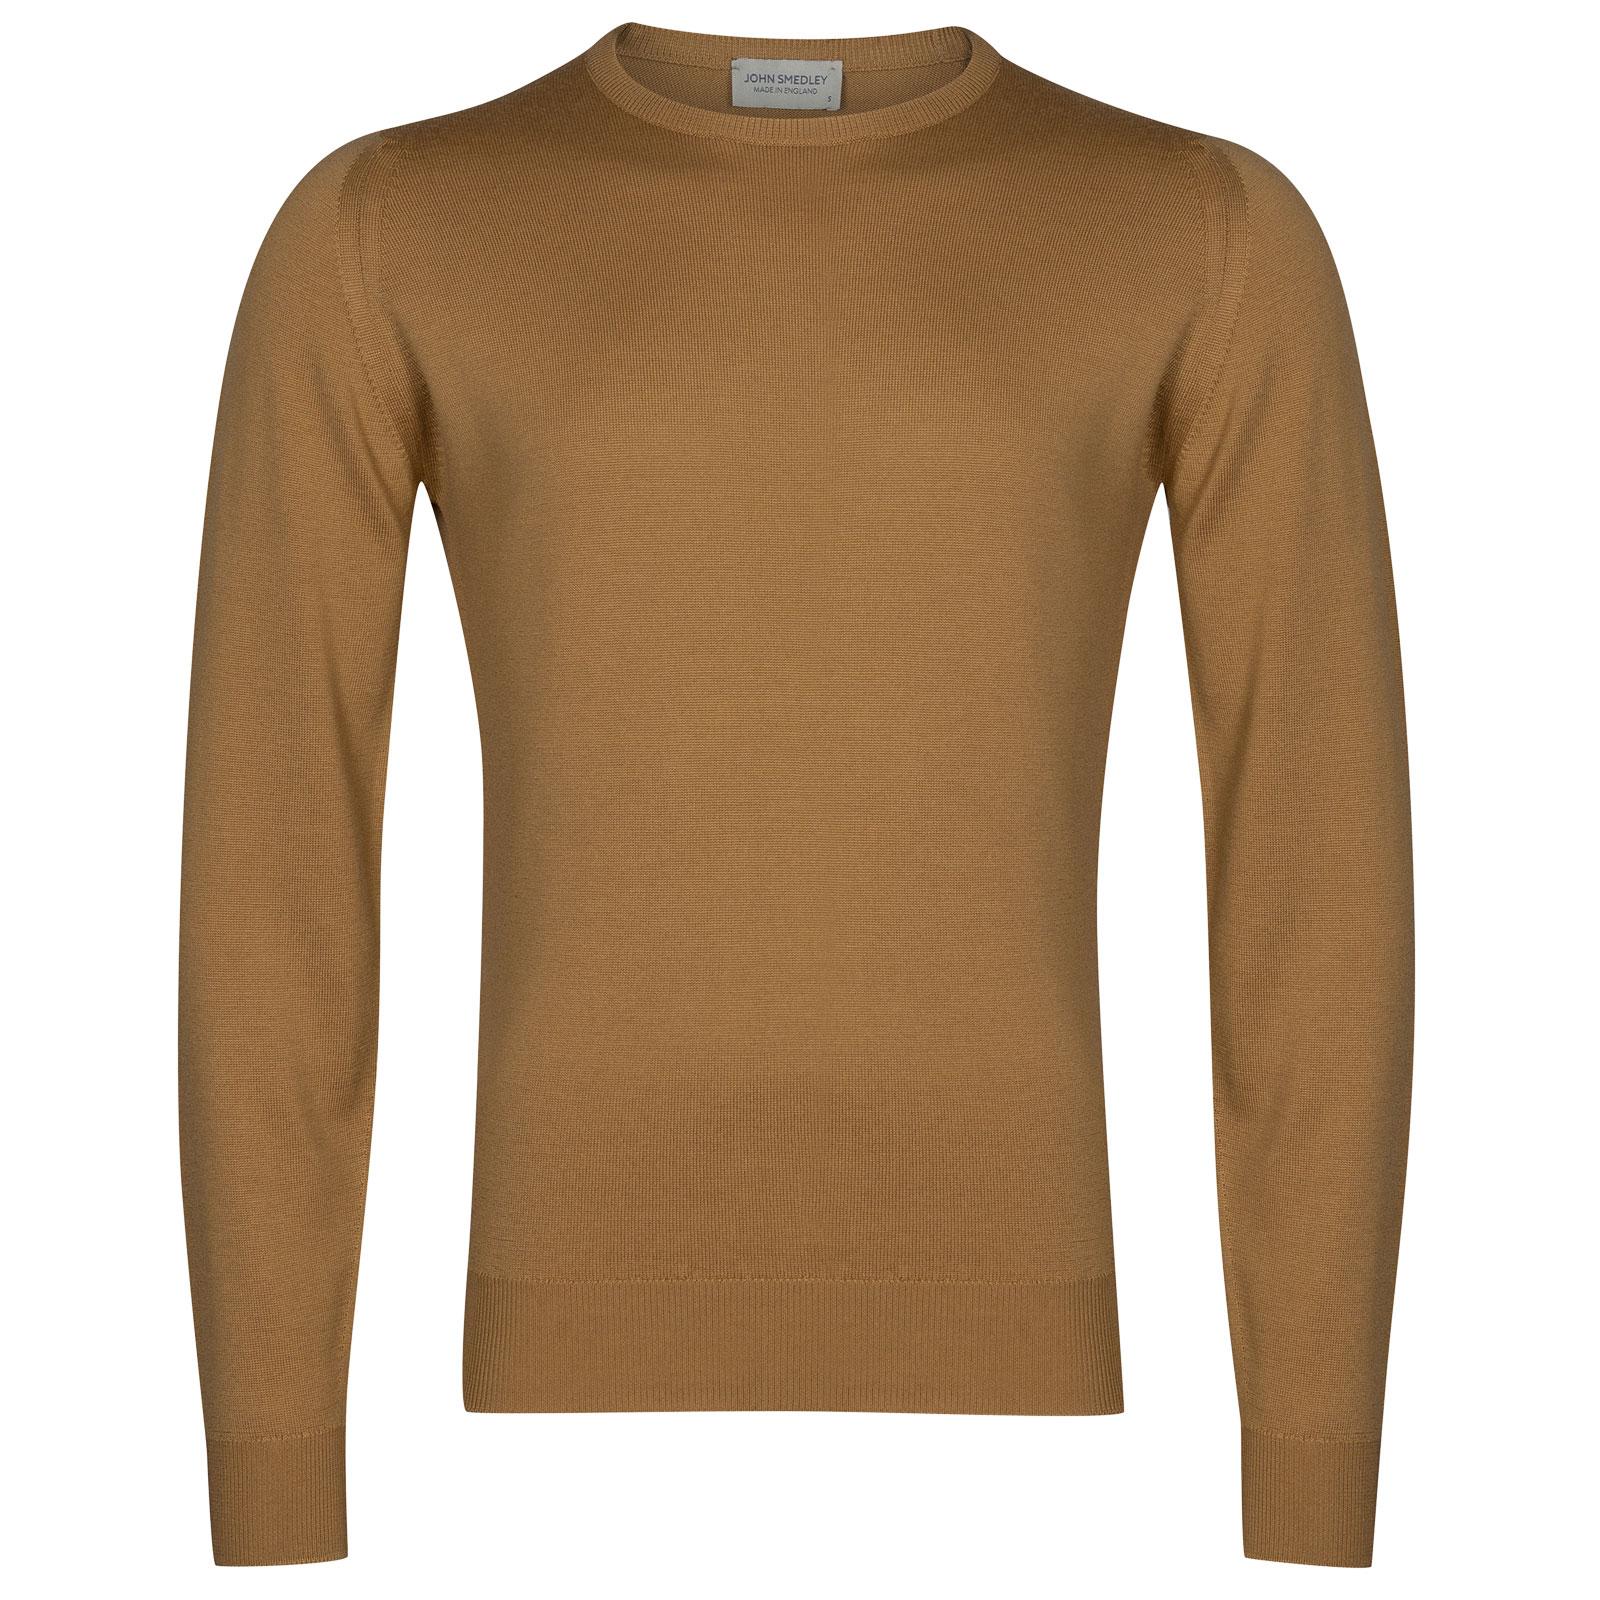 John Smedley farhill Merino Wool Pullover in Camel-M